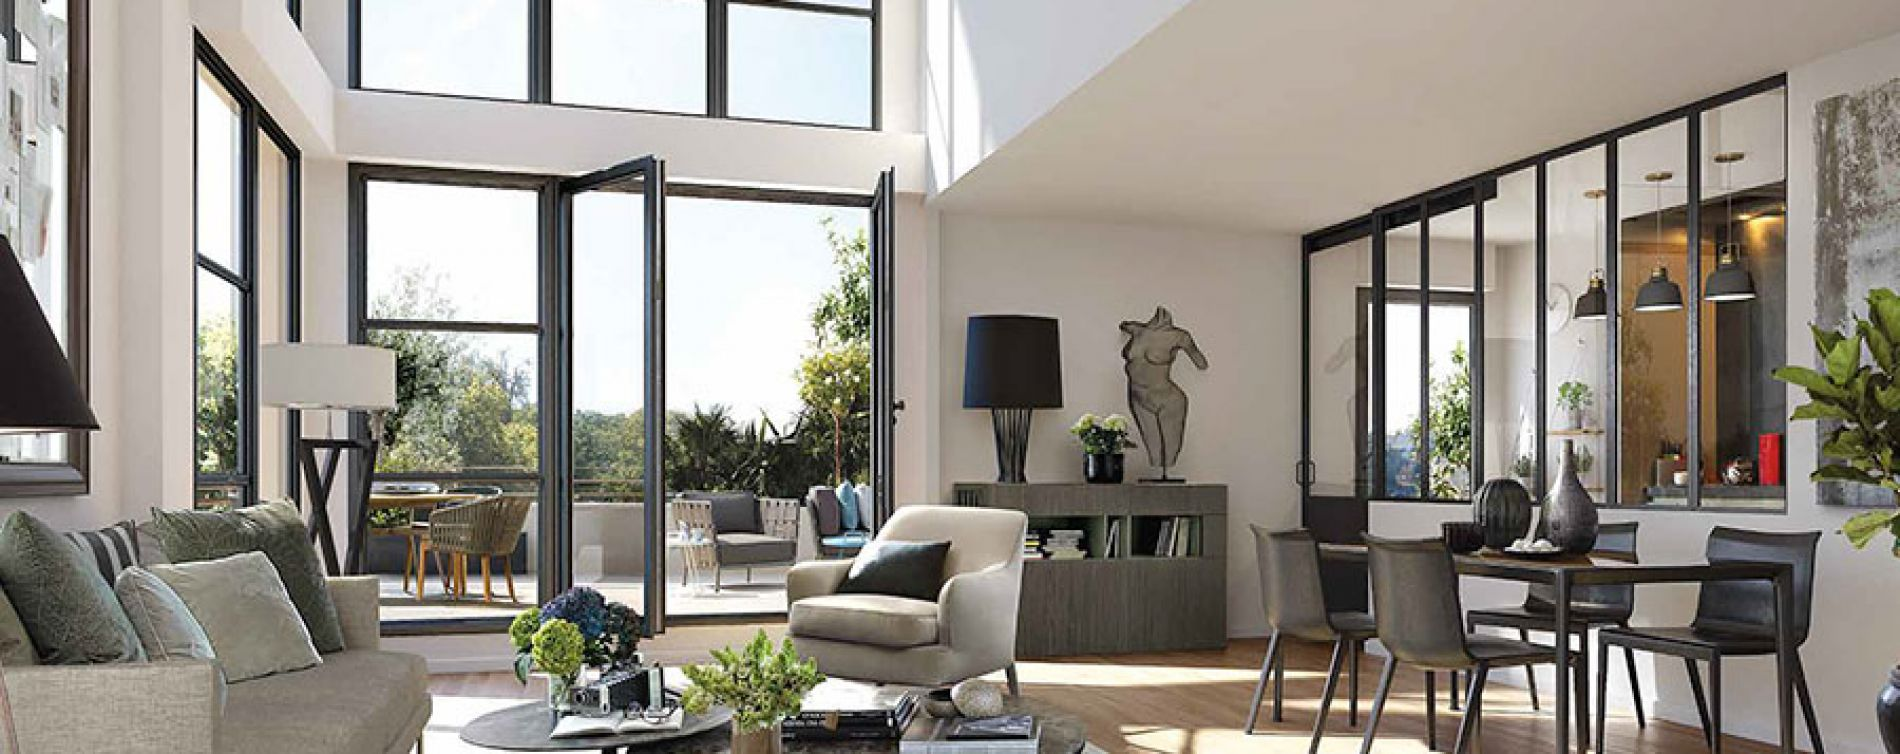 Rueil-Malmaison : programme immobilier neuve « Domaine Richelieu Tr2 » (2)